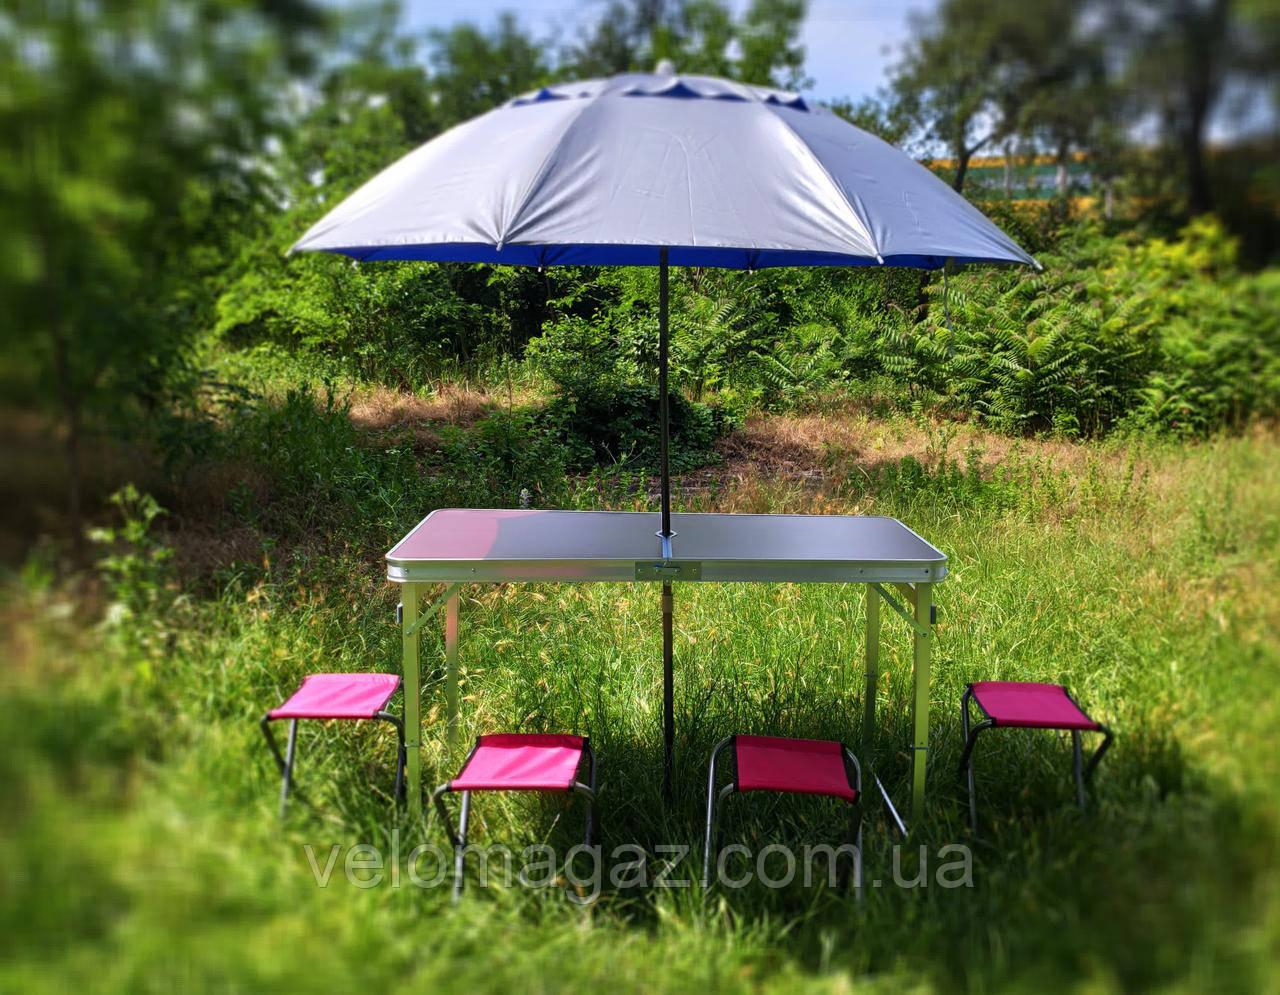 УСИЛЕННЫЙ раскладной удобный стол для пикника и 4 стула + компактный прочный зонт 1,6 м в ПОДАРОК!